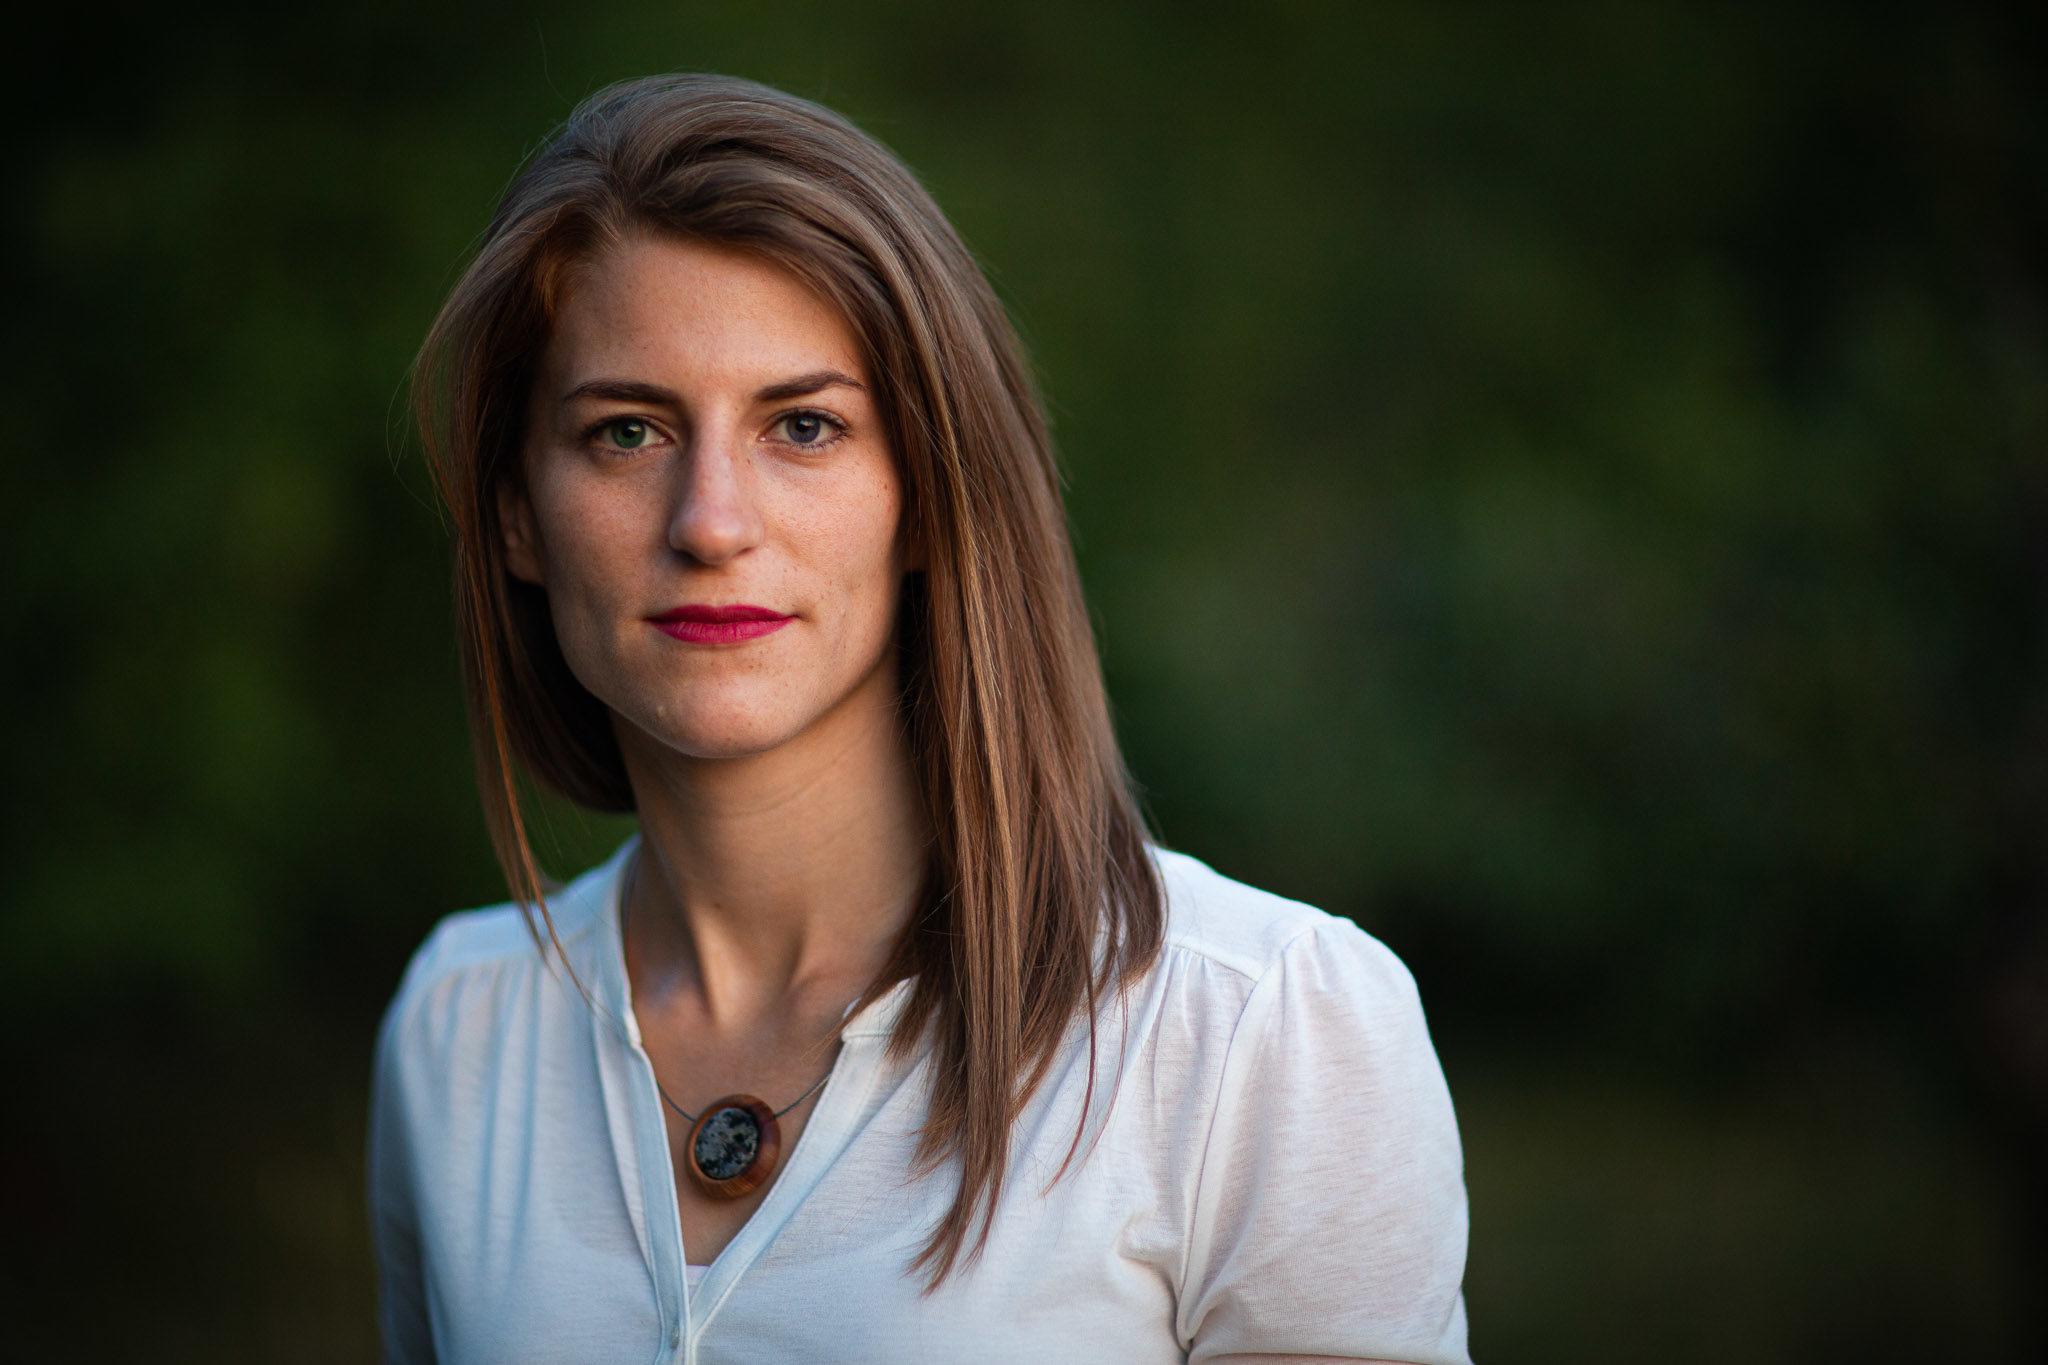 Outdoor portraits einer jungen Frau, blick direkt in die Kamera, Hintergrund dunkels, verschwommenens Blattgrün, offenes sehr weiches Abendlicht nach Sonnenunterang, Outdoor Portraits, Best Light.